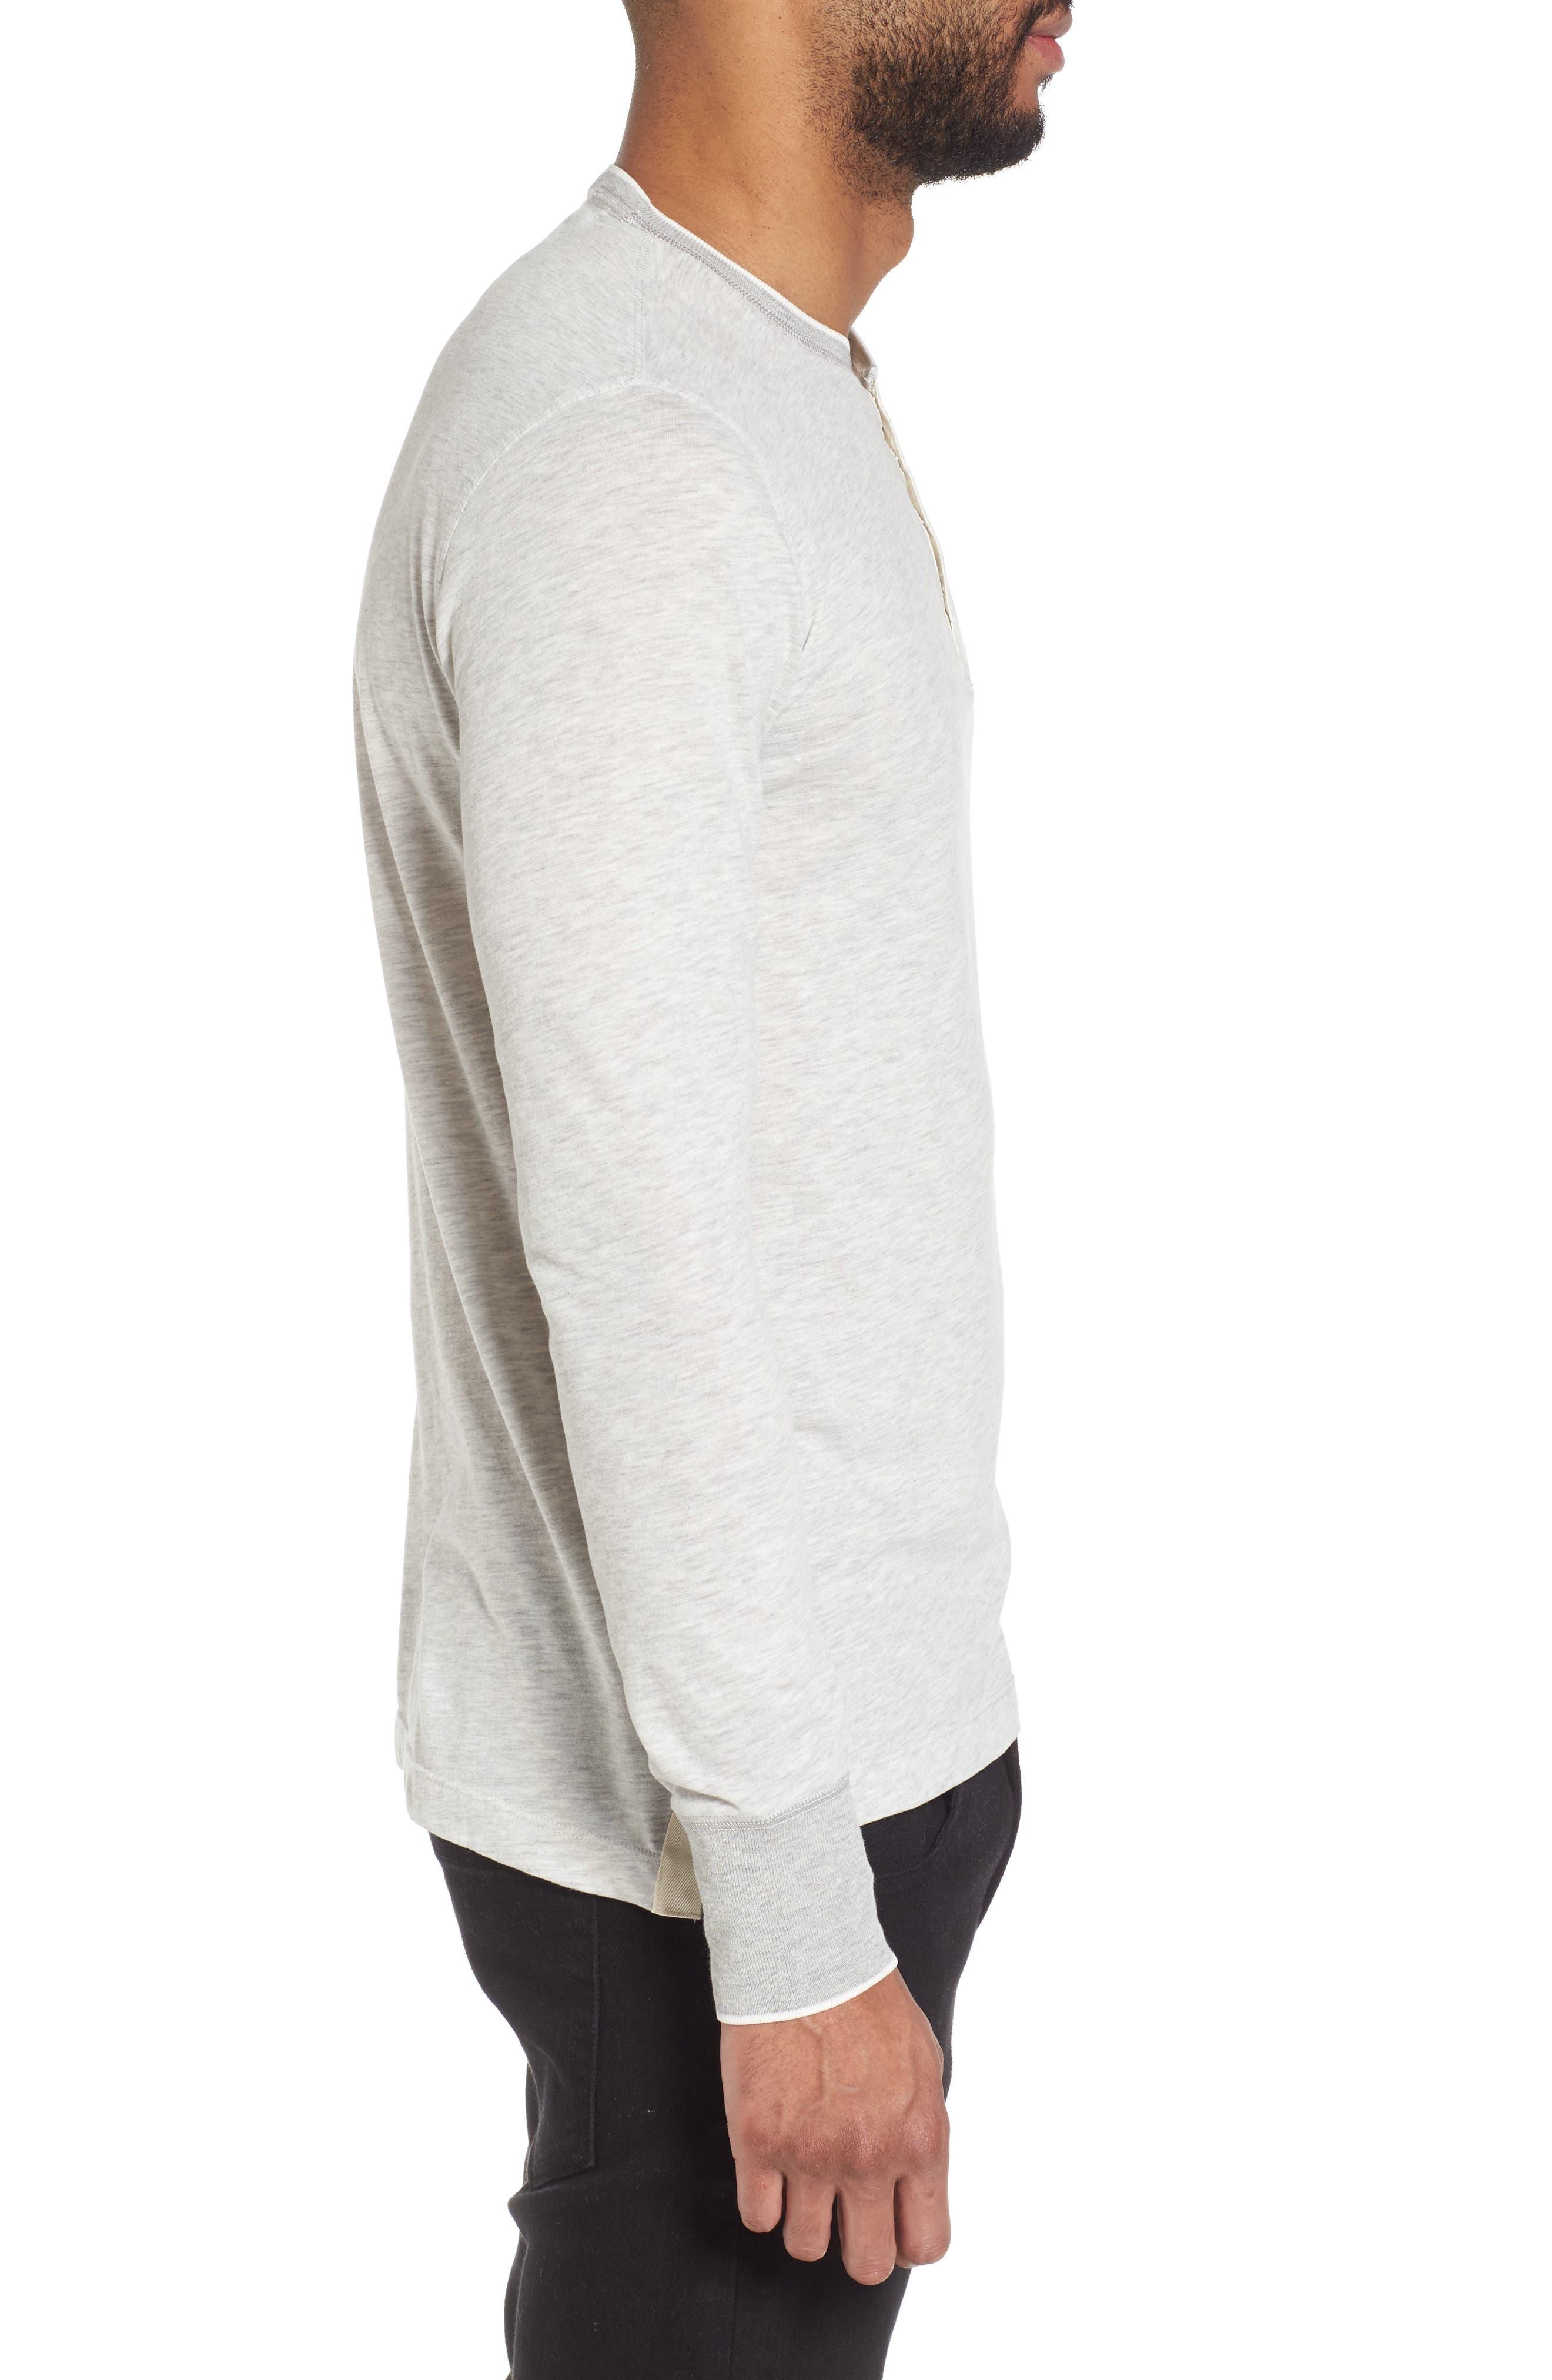 Club Nomade Soft Granddad T-Shirt,                             Alternate thumbnail 3, color,                             Grey Melange